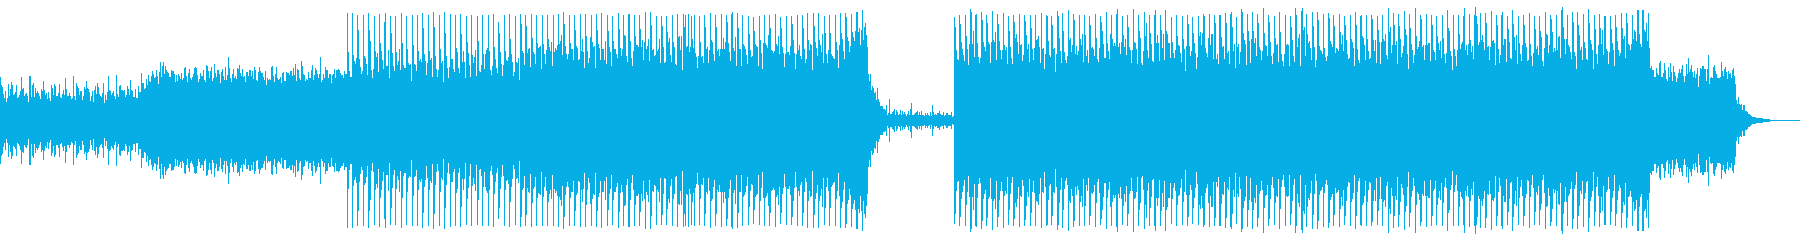 激しいシネマティックロックの再生済みの波形